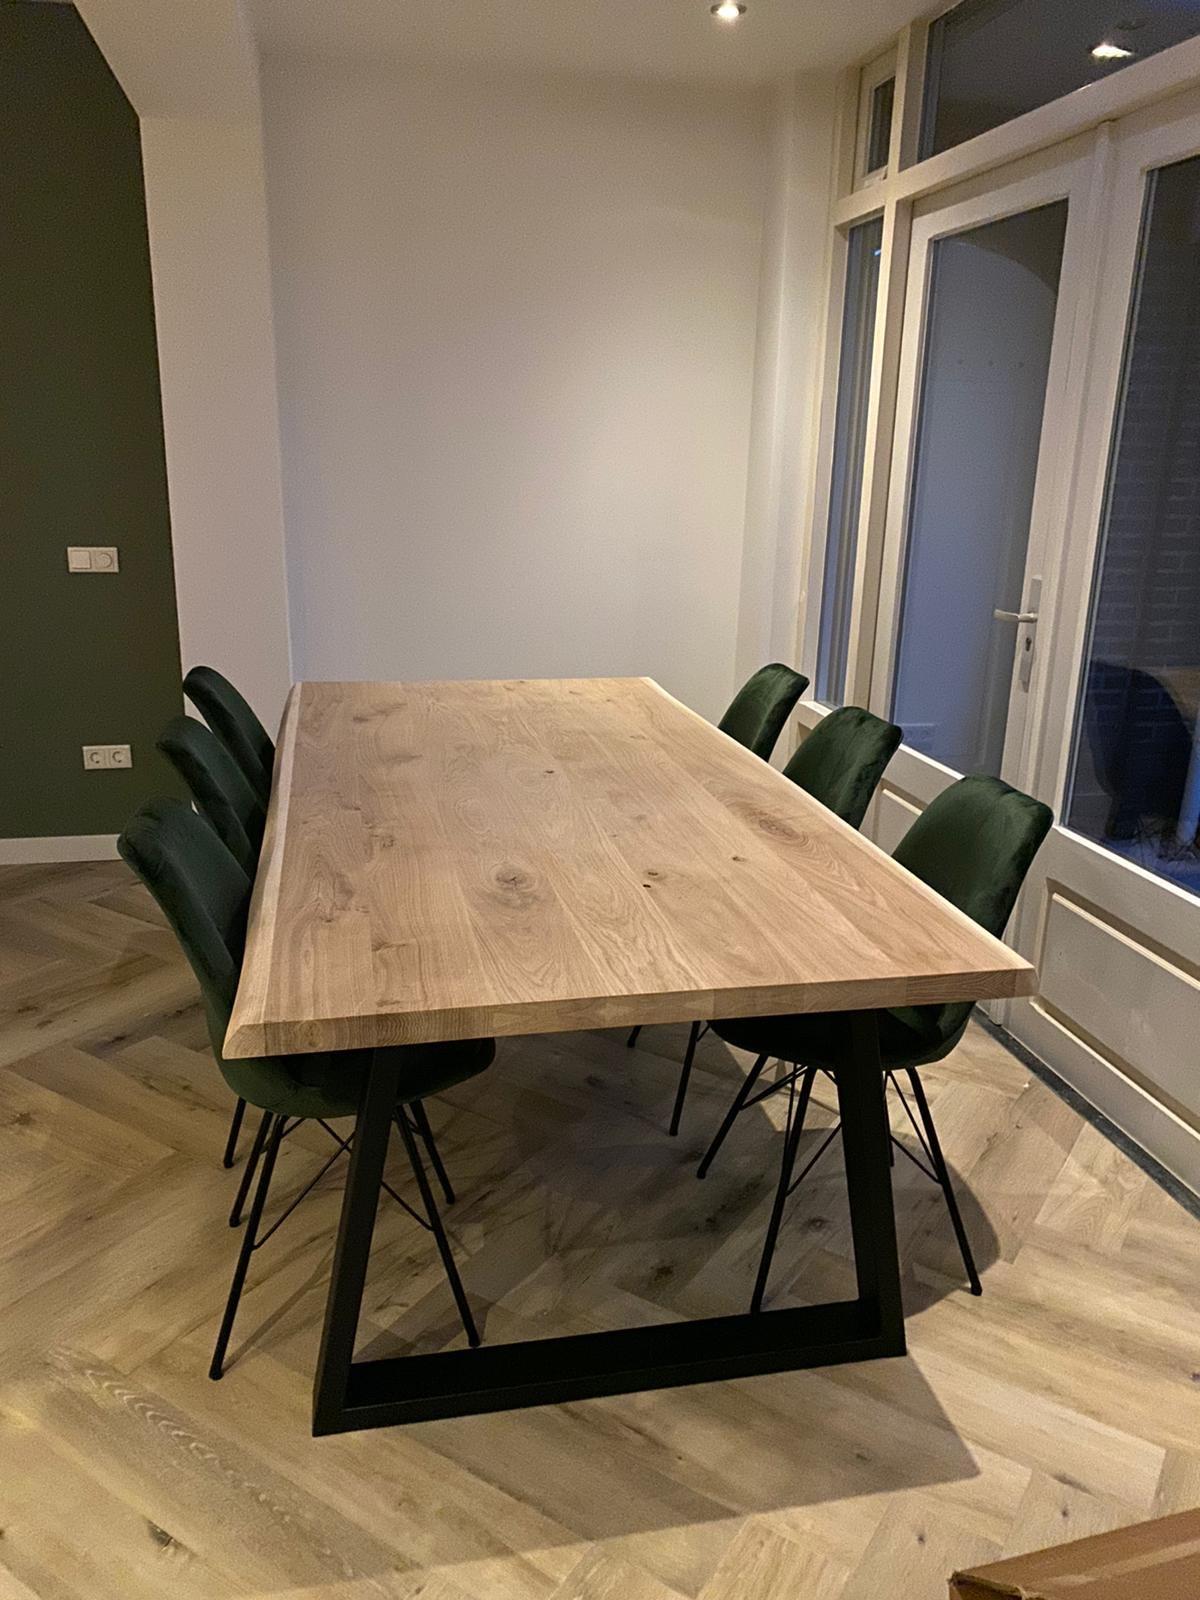 Eiken boomstam(rand) tafelblad - 6 cm dik (2-laags rondom) - diverse afmetingen - extra rustiek Europees eikenhout met schorsrand / waankant - verlijmd kd 10-12%